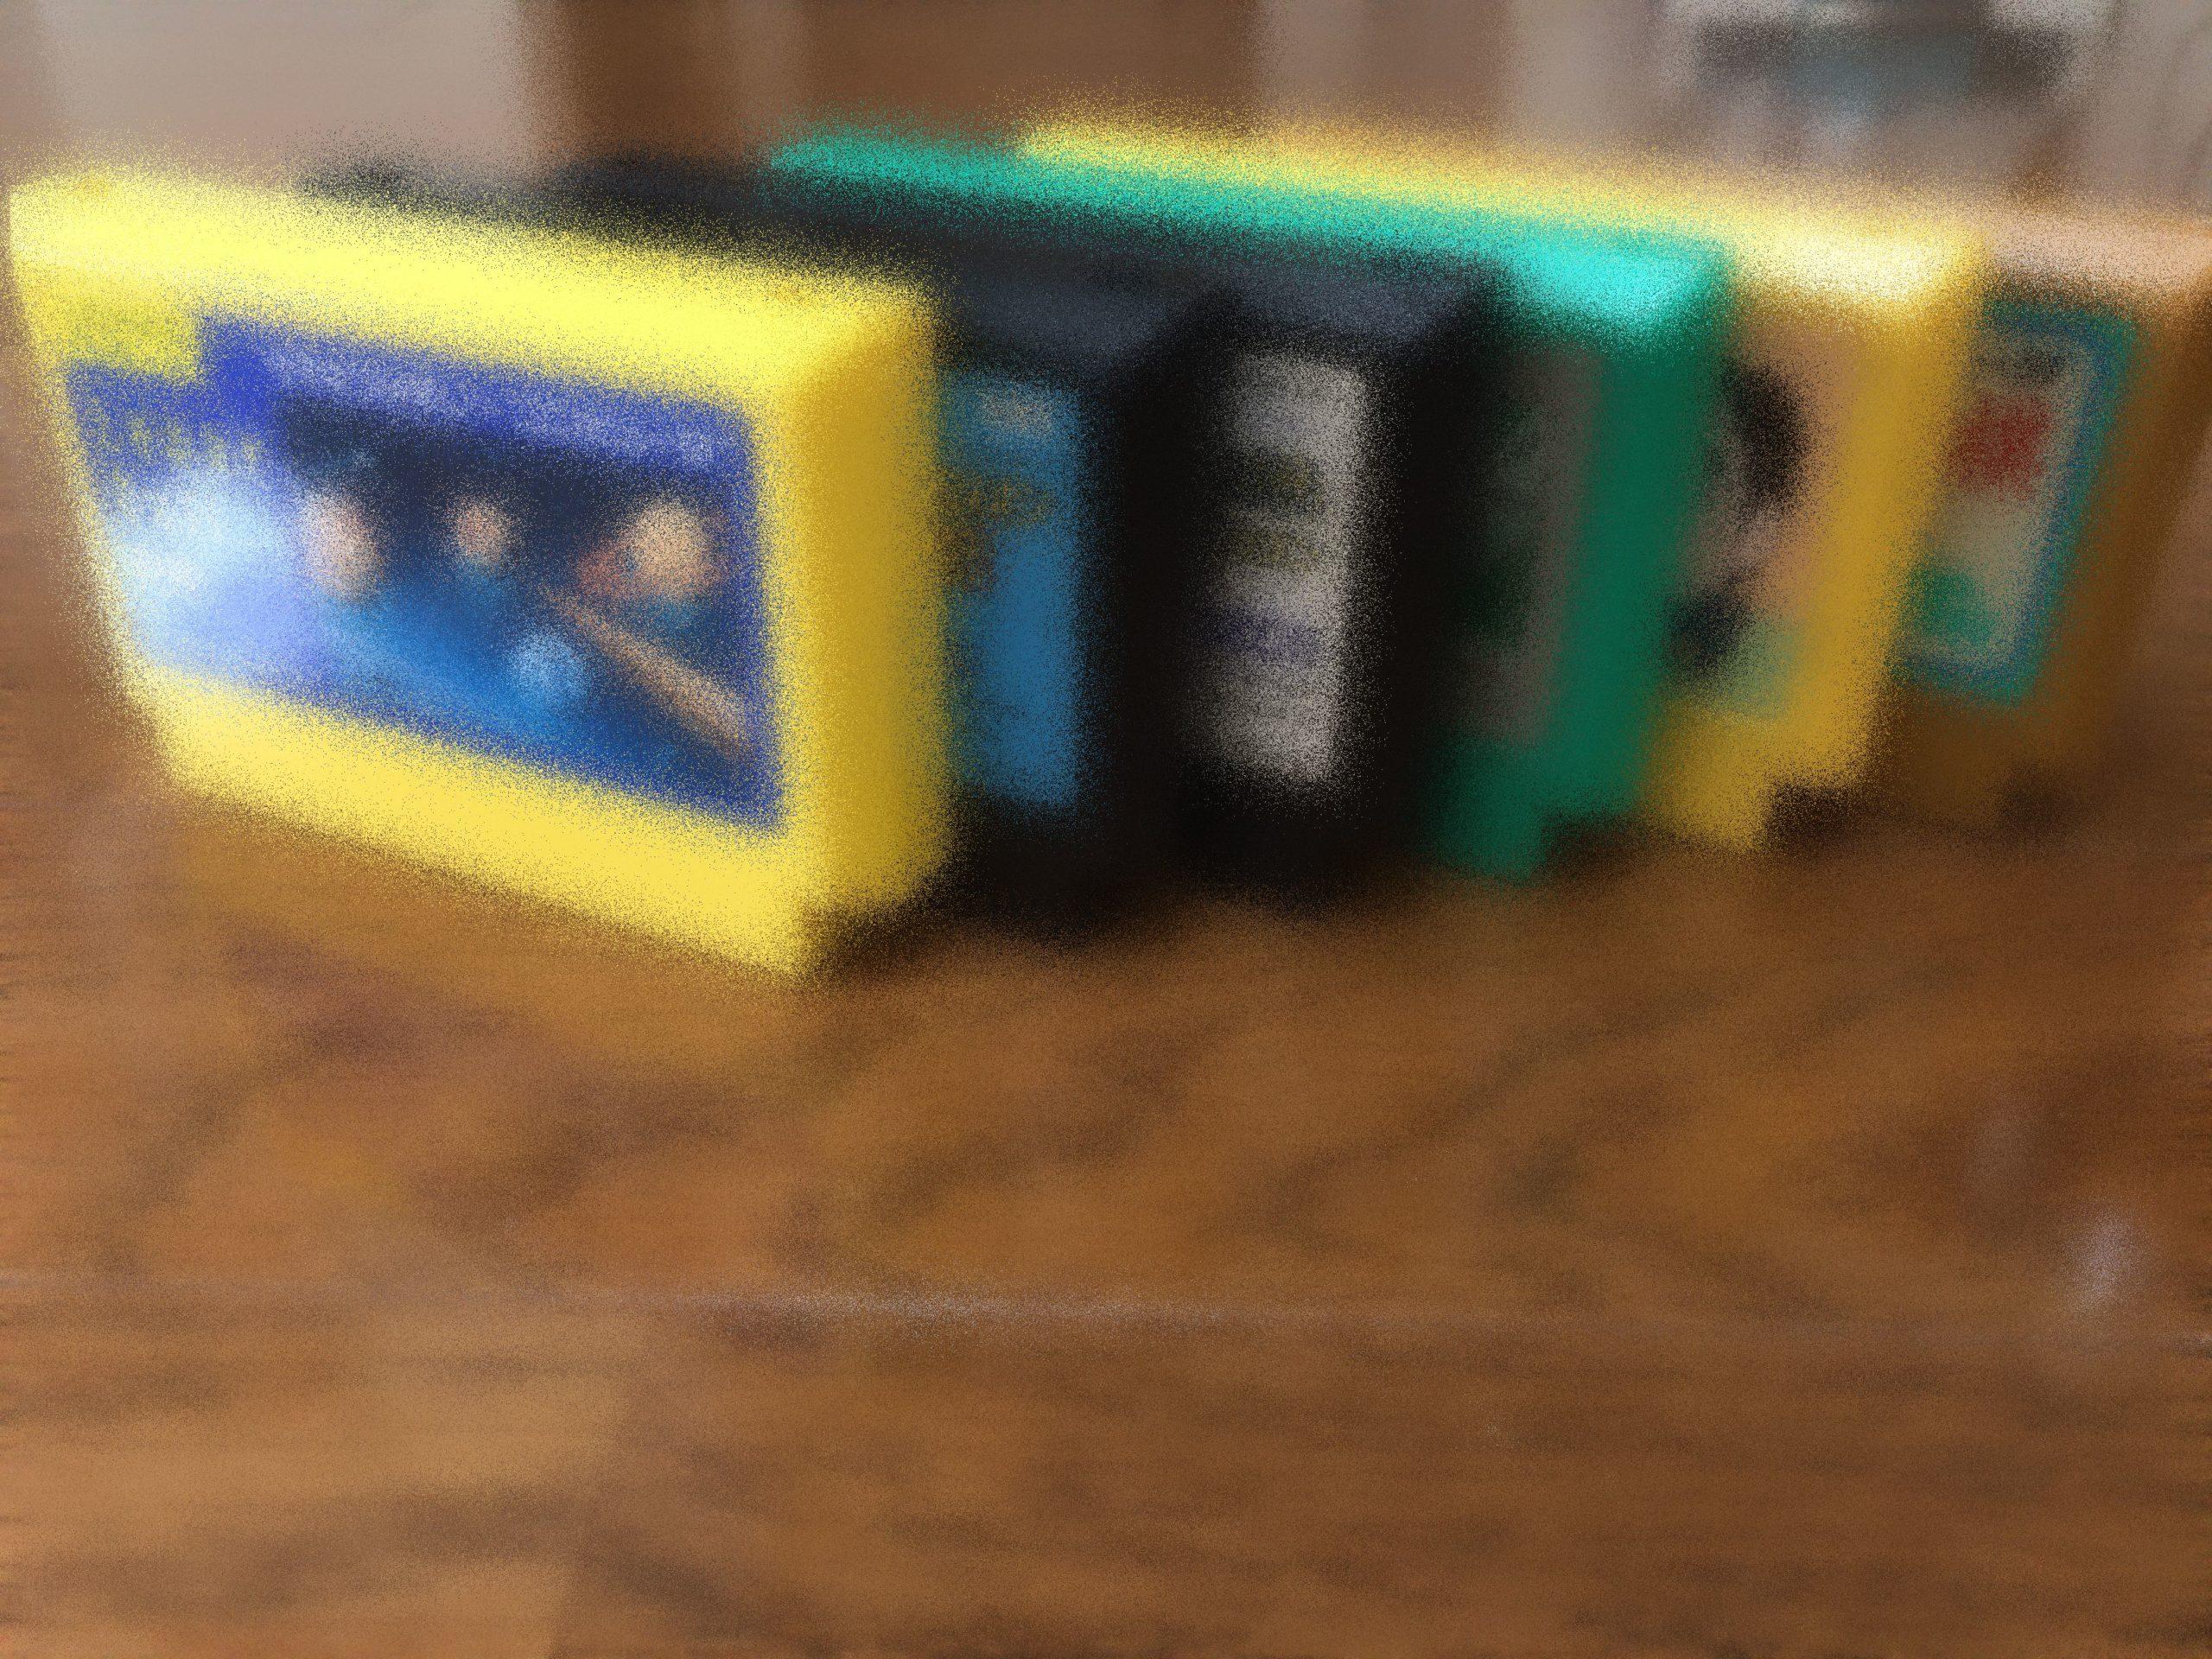 ファミコンカセット本日の成果は6本手に入れました